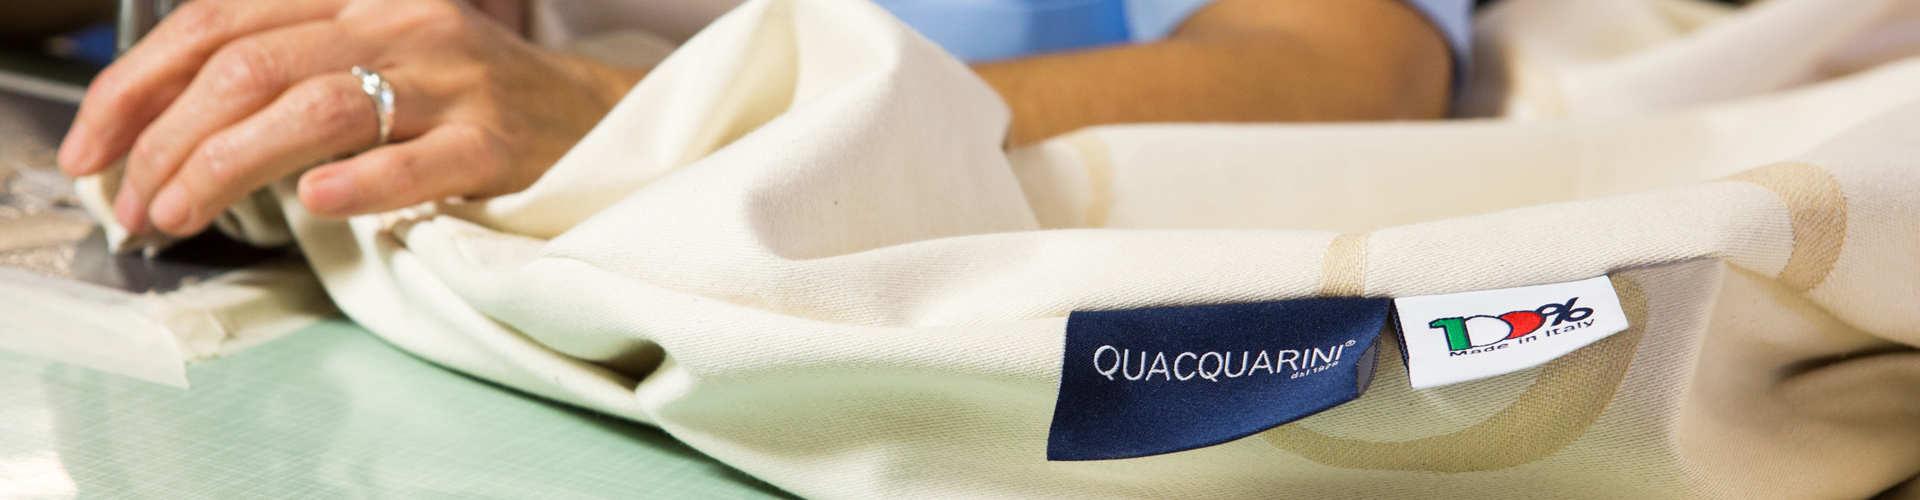 Lavorazione materasso tradizionale Quacquarini